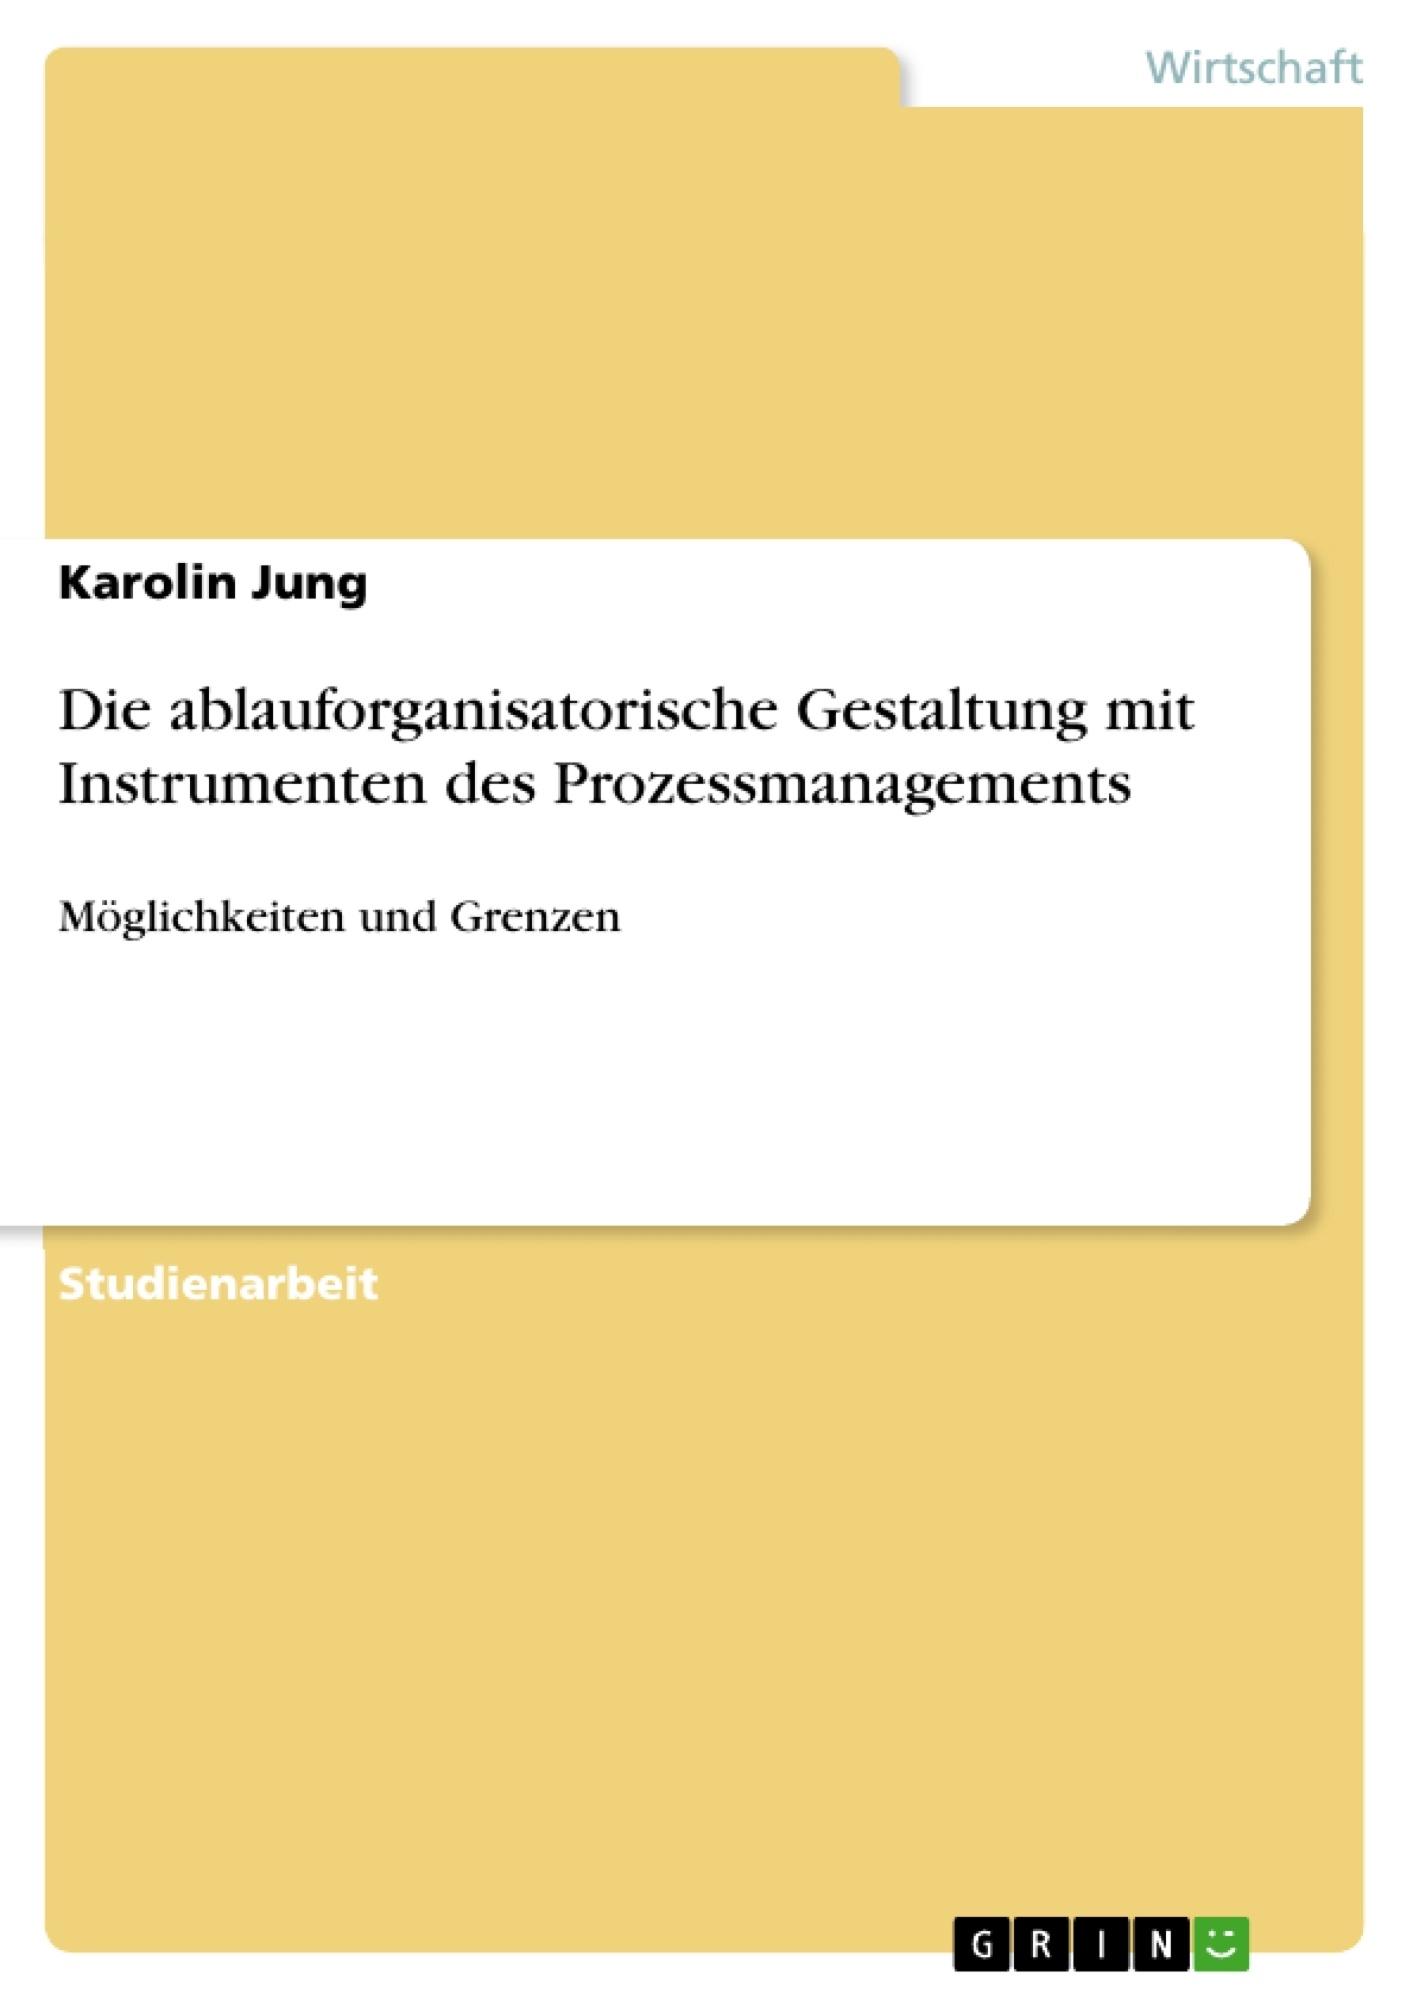 Titel: Die ablauforganisatorische Gestaltung mit Instrumenten des Prozessmanagements